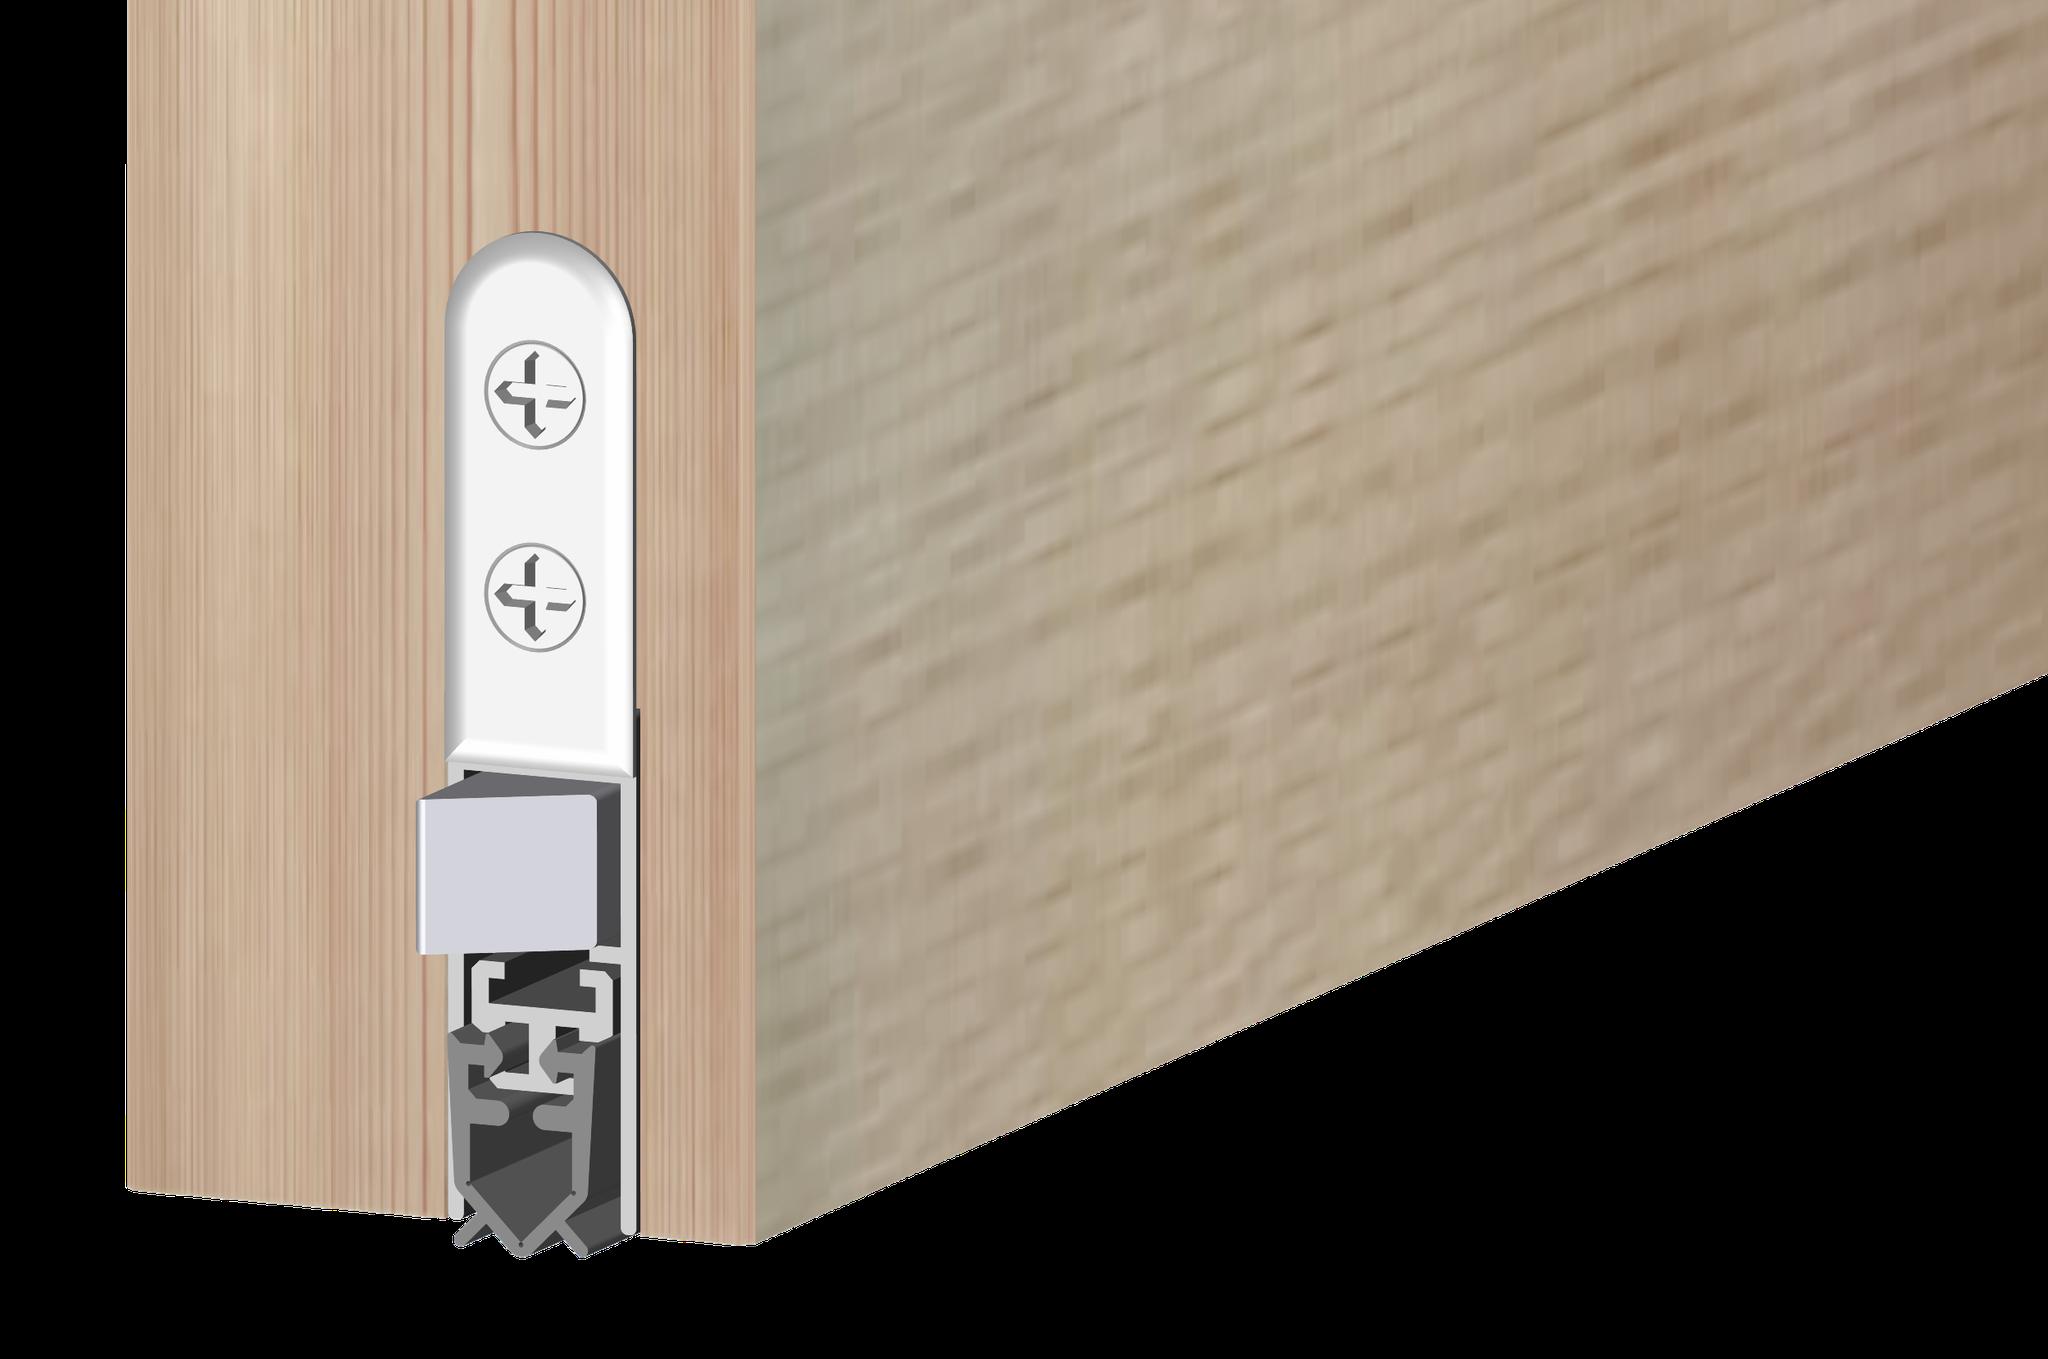 Luft- und schalldichte Türen